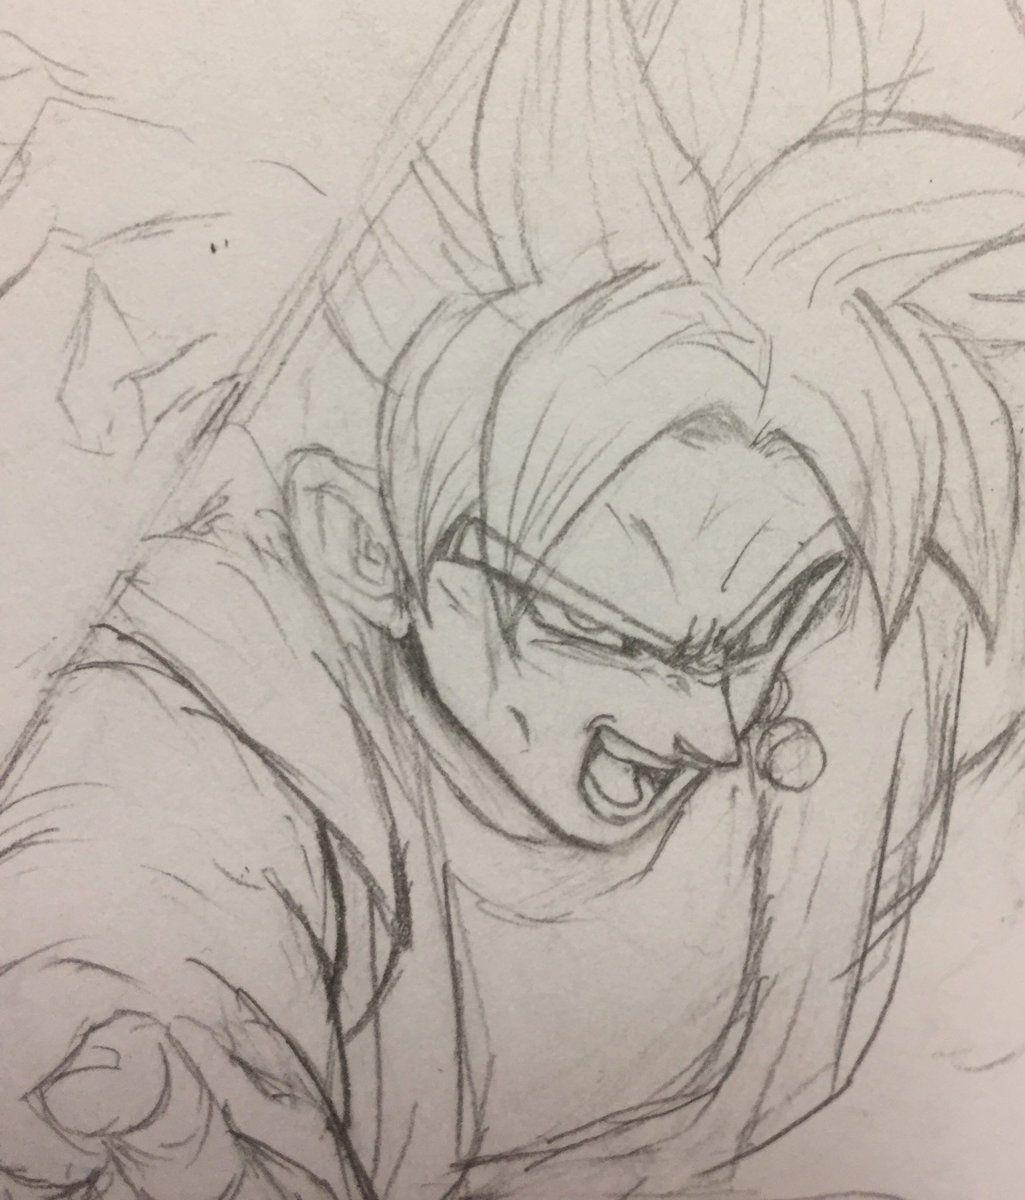 Dessin Black Goku Creation Dragon Ball Art Anime Dragon Ball Anatomy Drawing